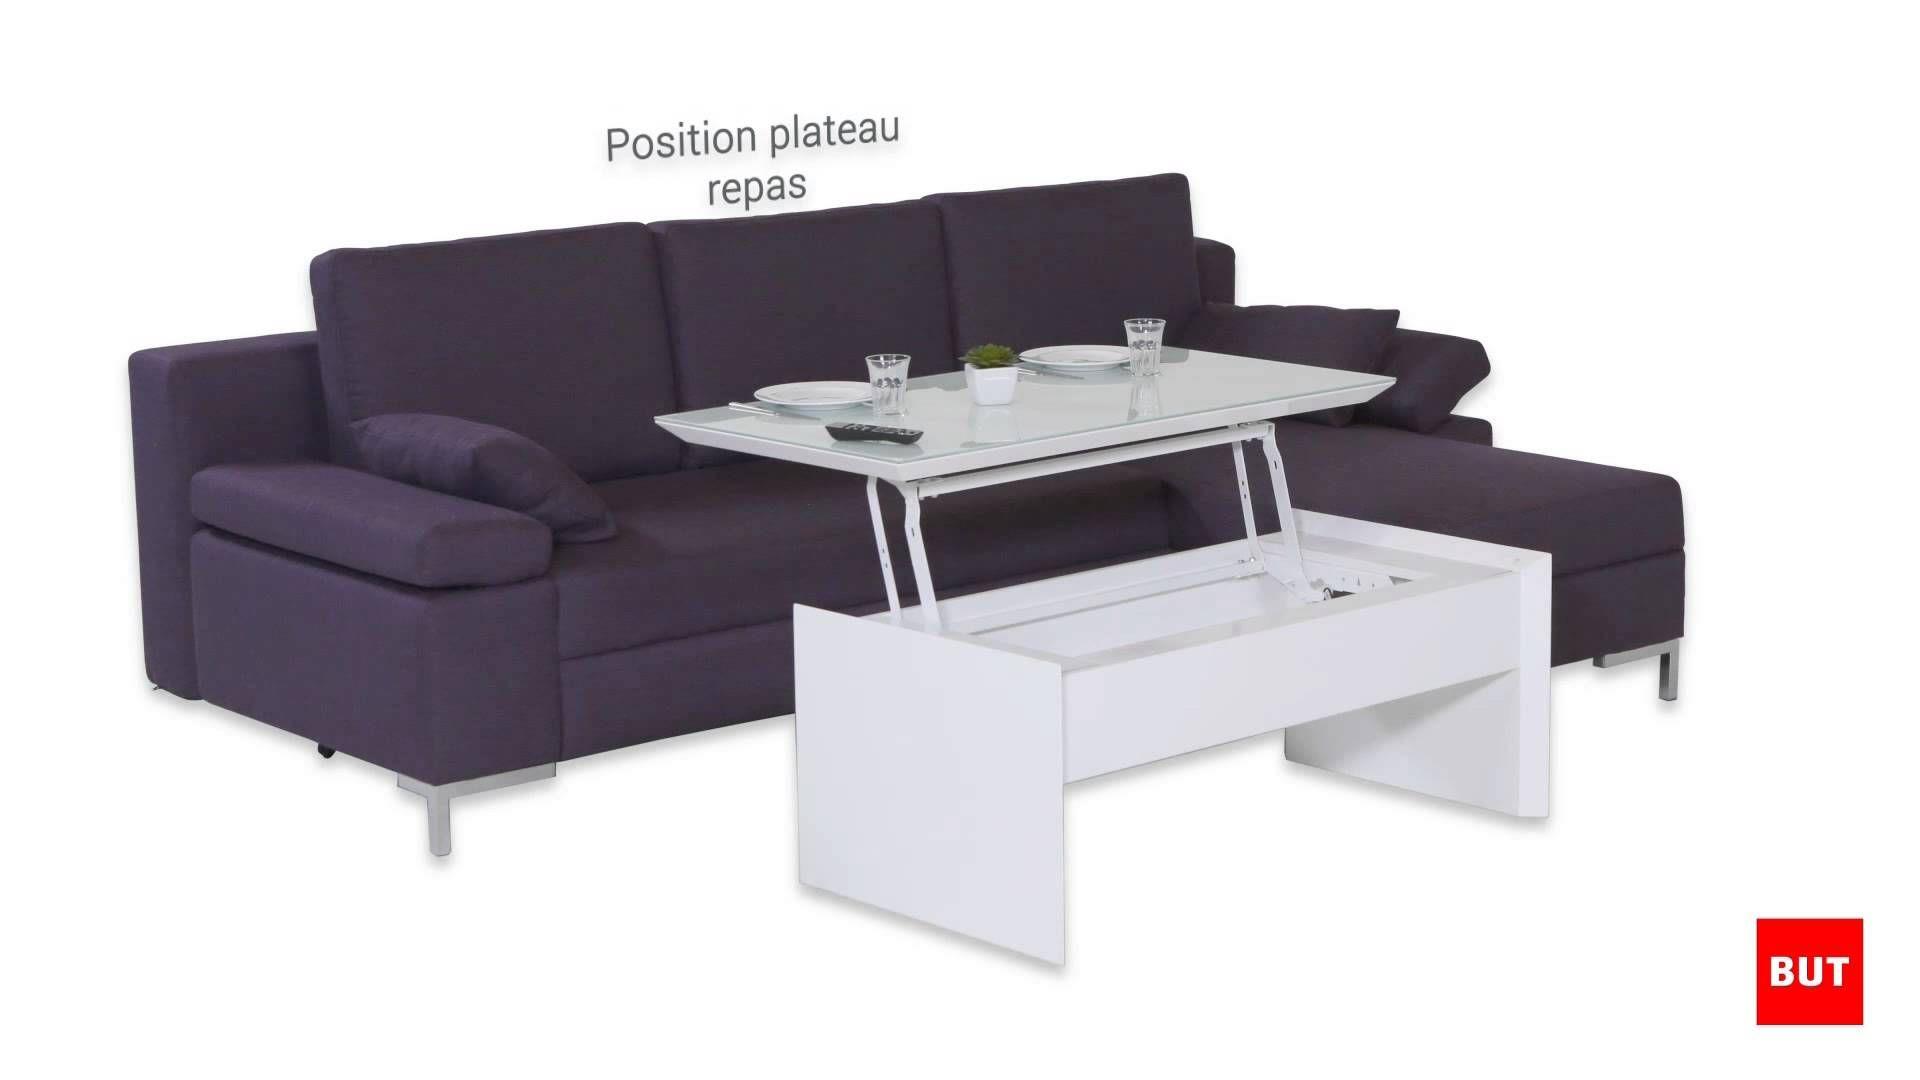 Magnifique Table Basse Escamotable D Coration Fran Aise  # Petite Table De Salon Escamotable